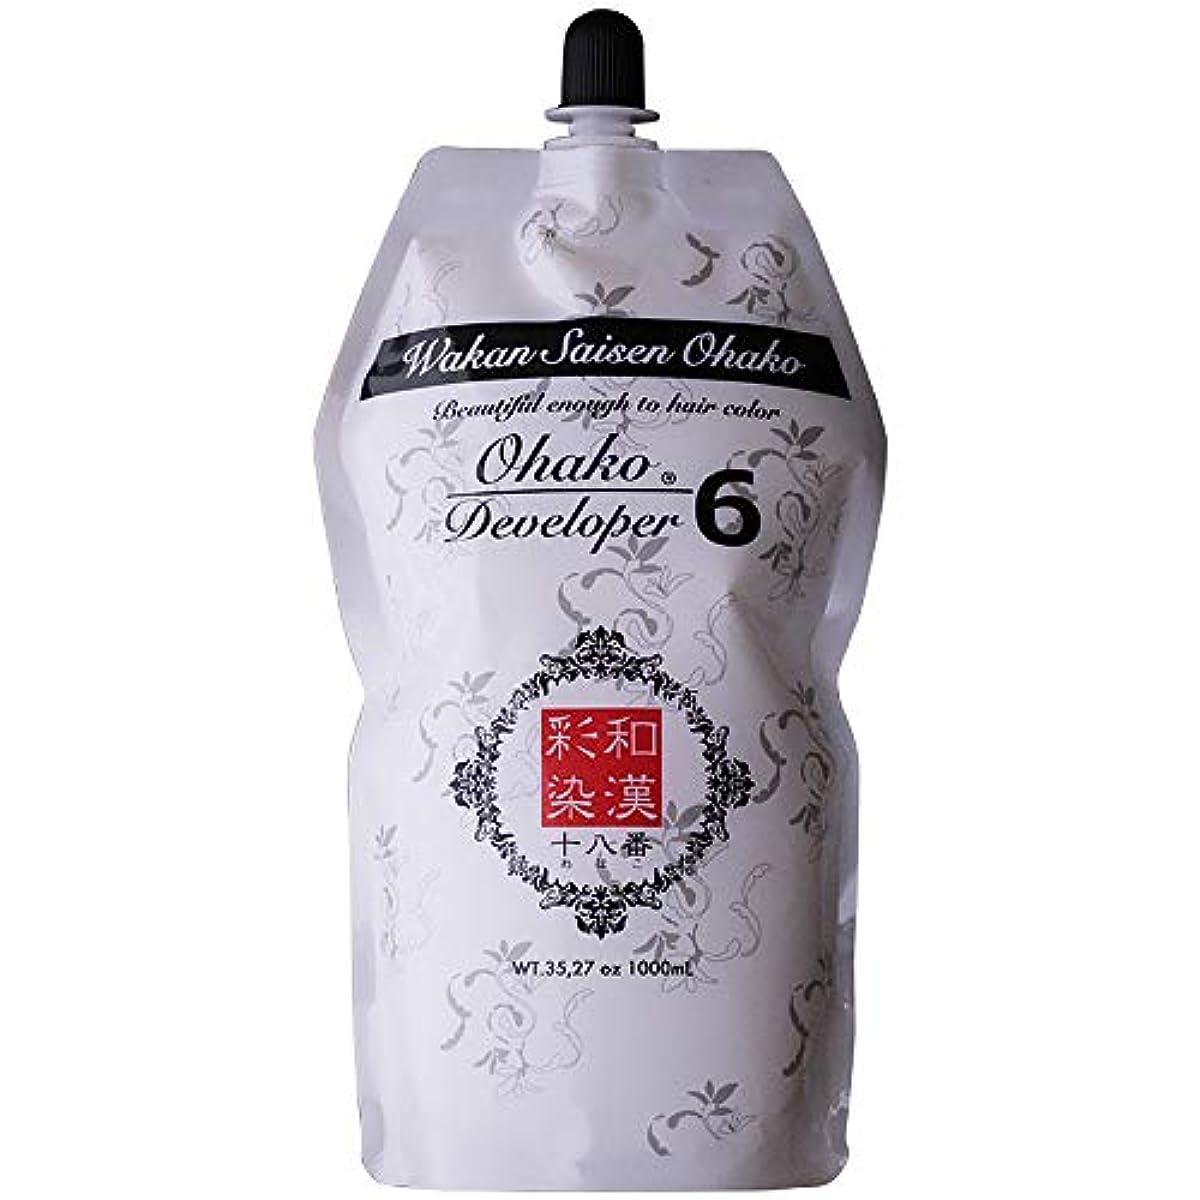 照らす厚い触覚日本グランデックス 和漢彩染 十八番 デベロッパー 1000g(業務用) 全2種 6%